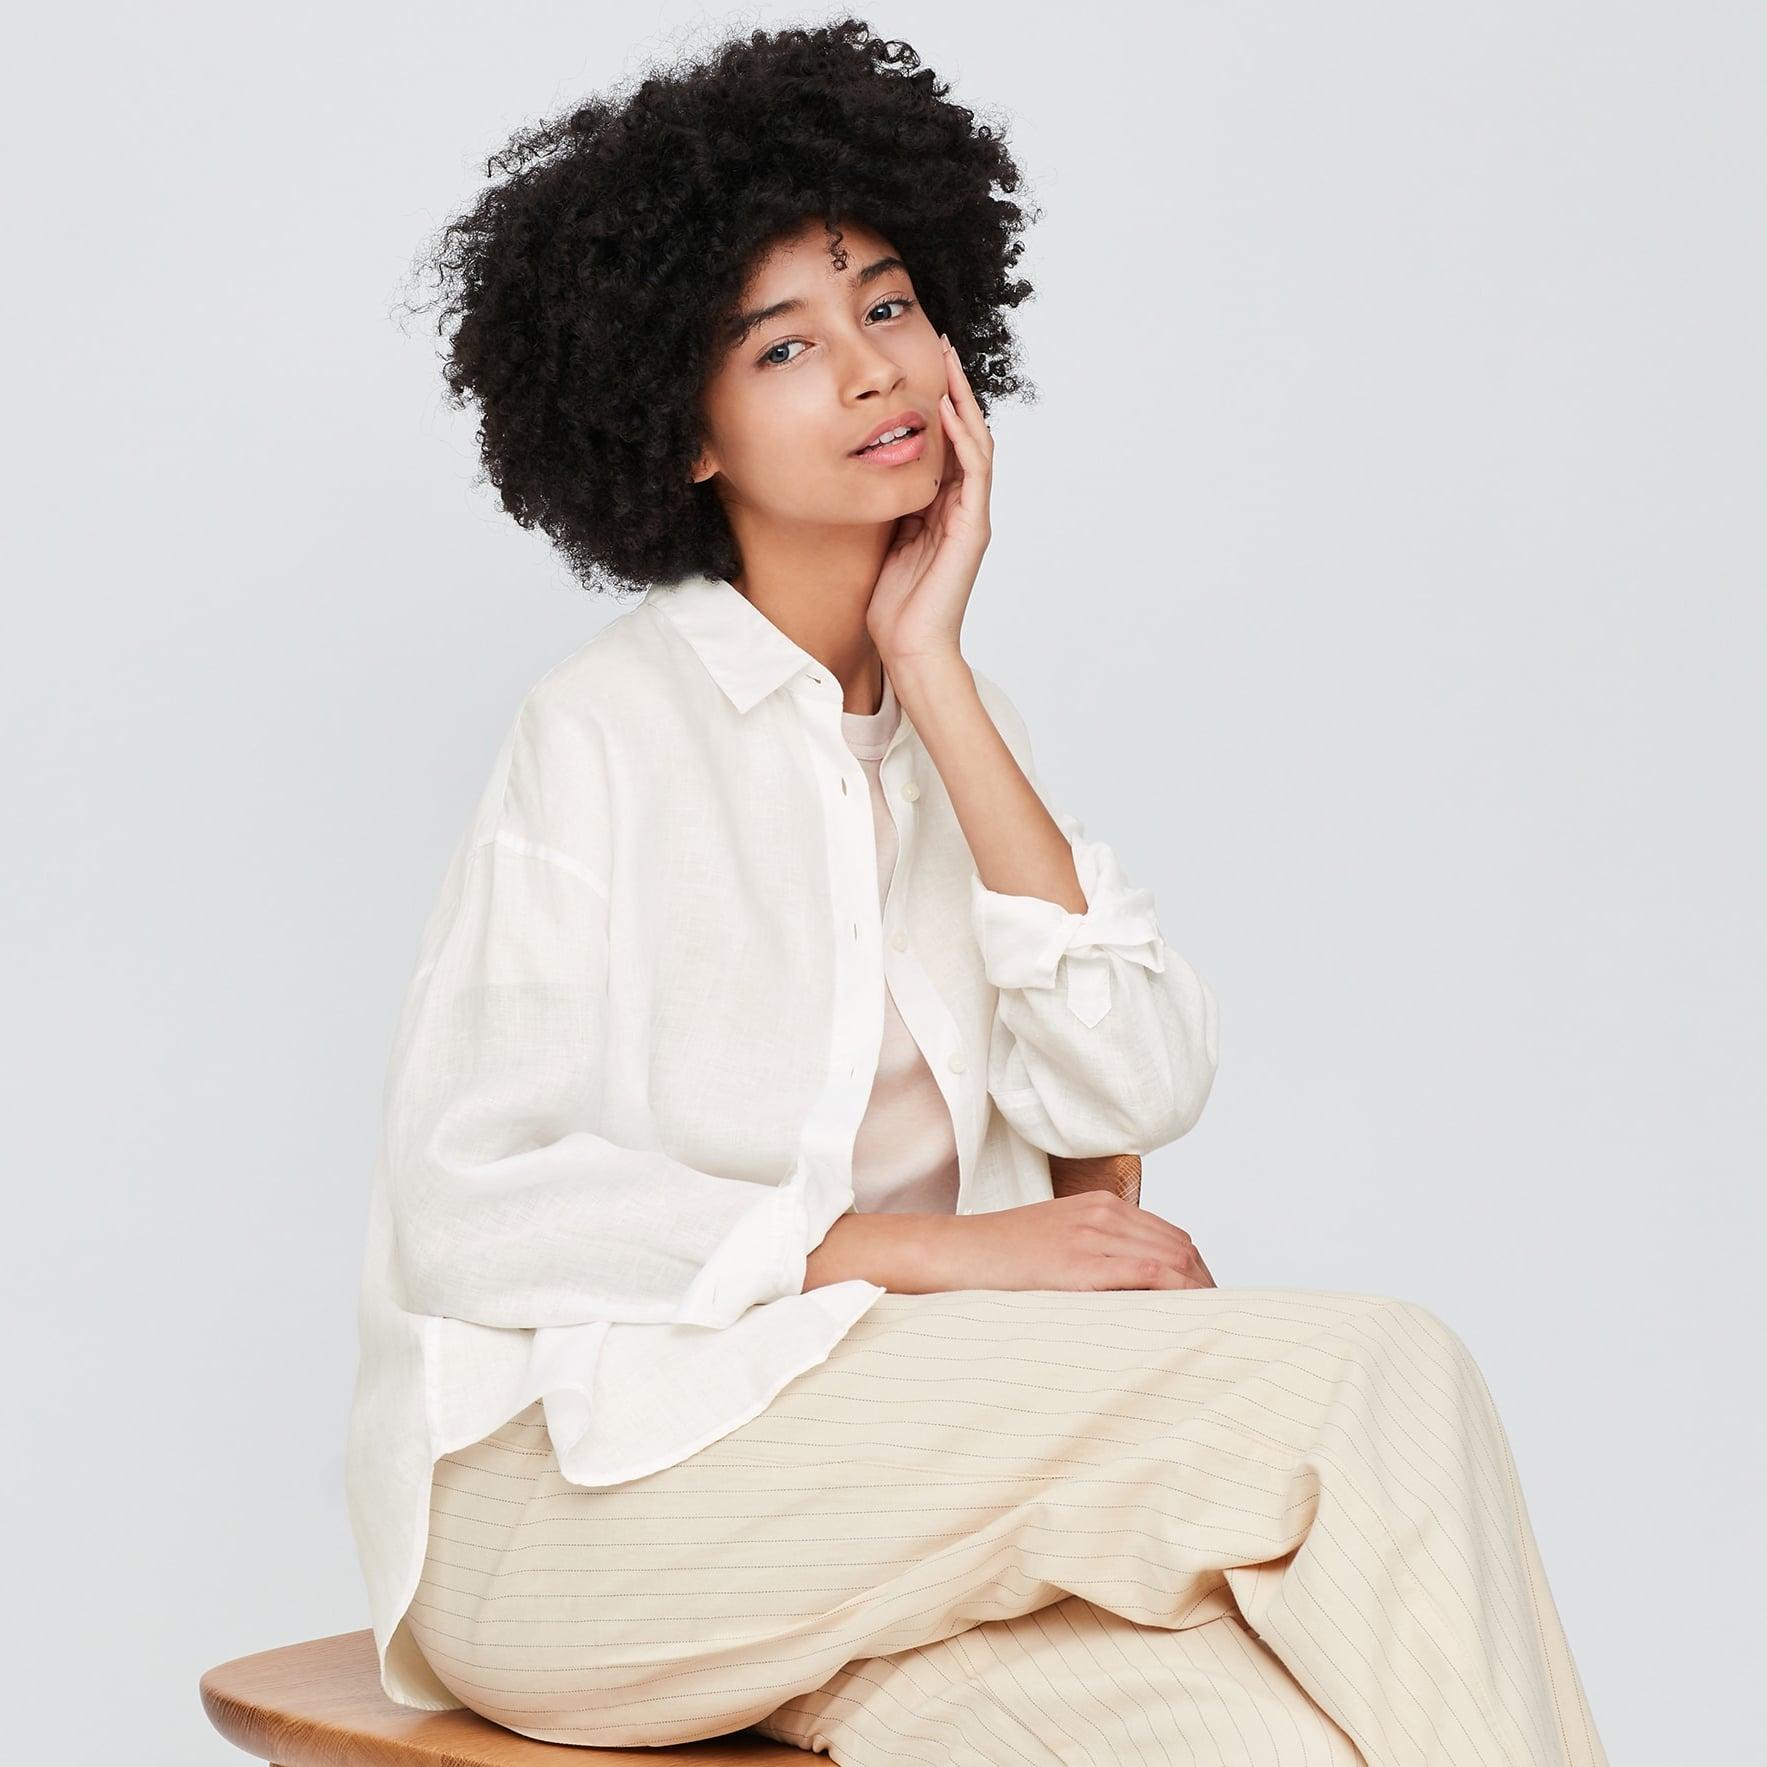 Linen summer top loose linen top linen top for women natural linen blouse Mothers Day Gift Casual linen top